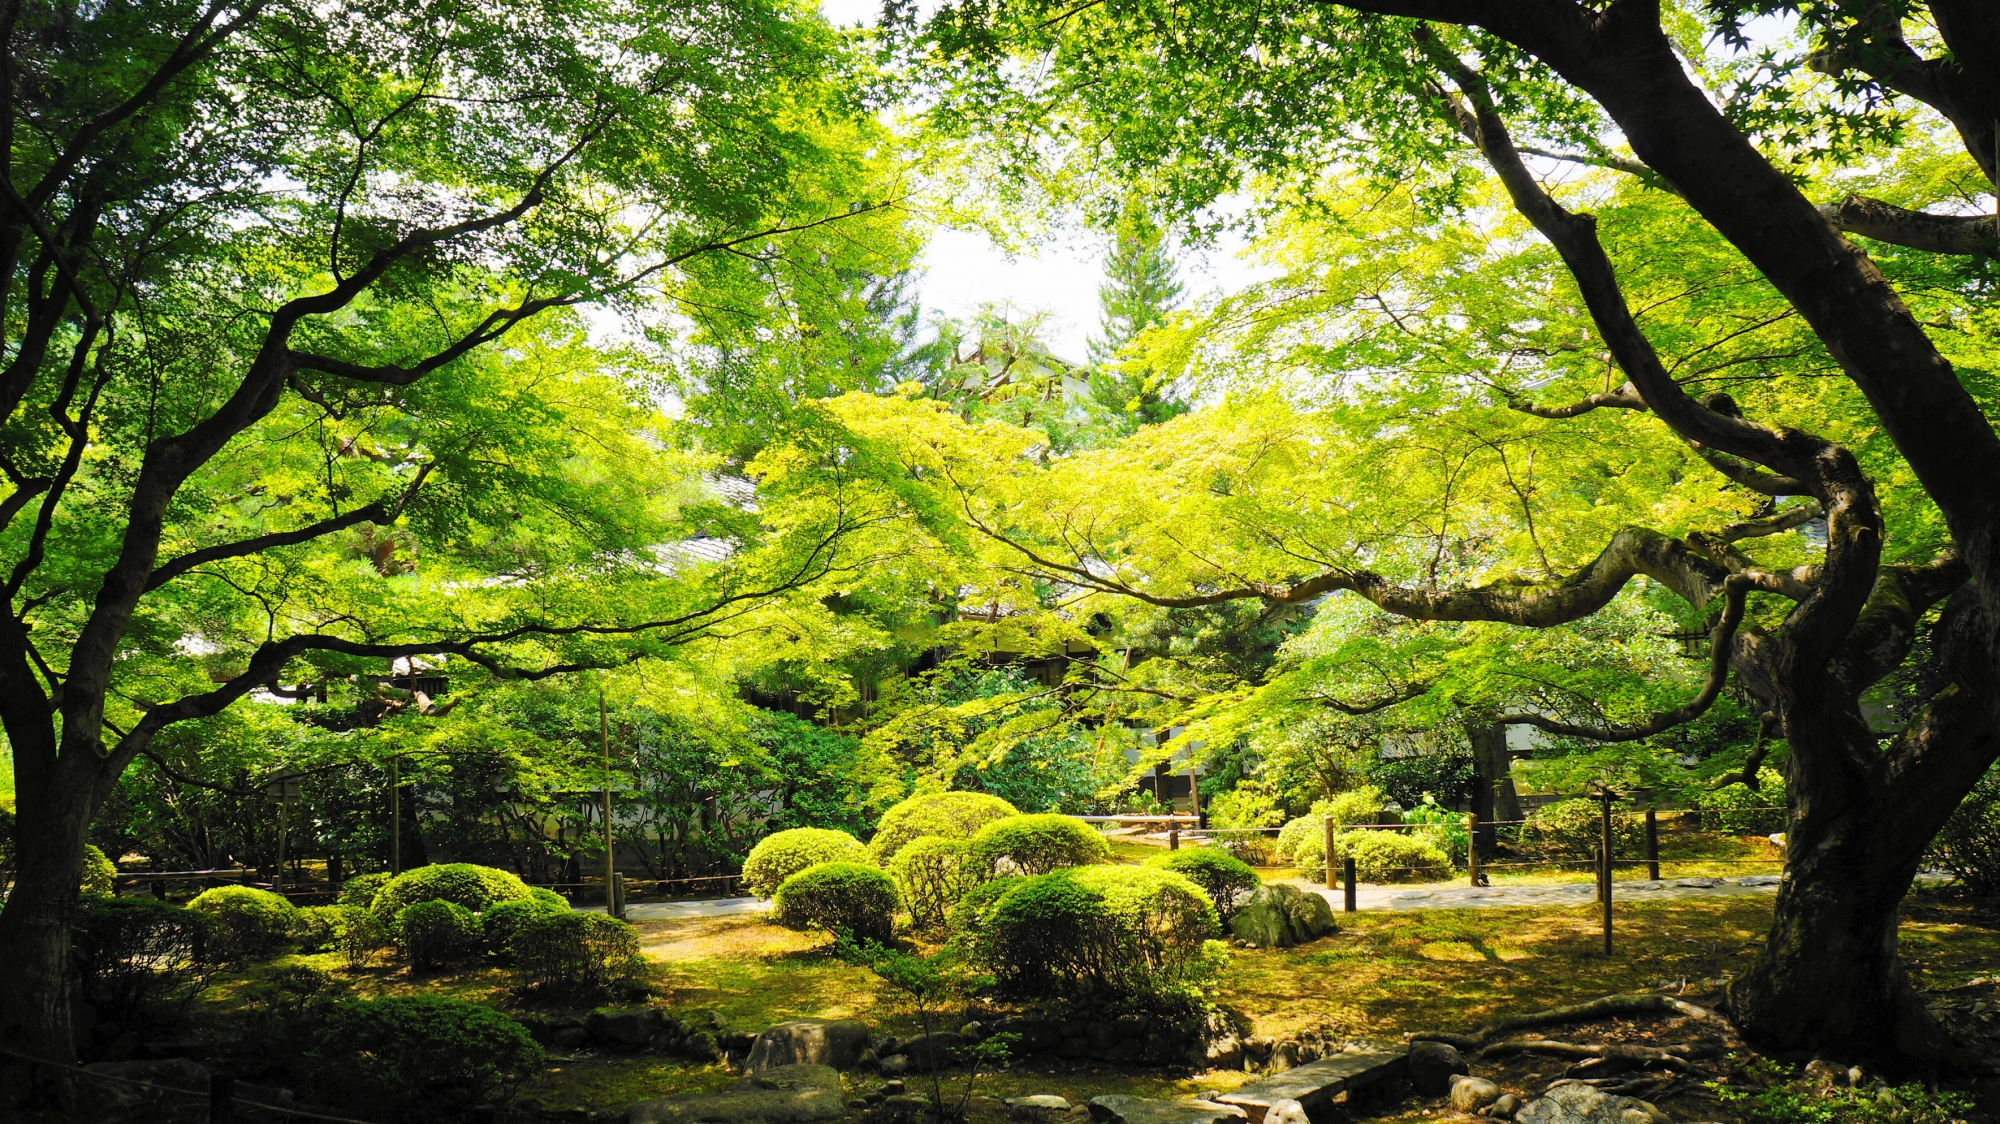 緑の空間が広がる夏の青蓮院の霧島の庭